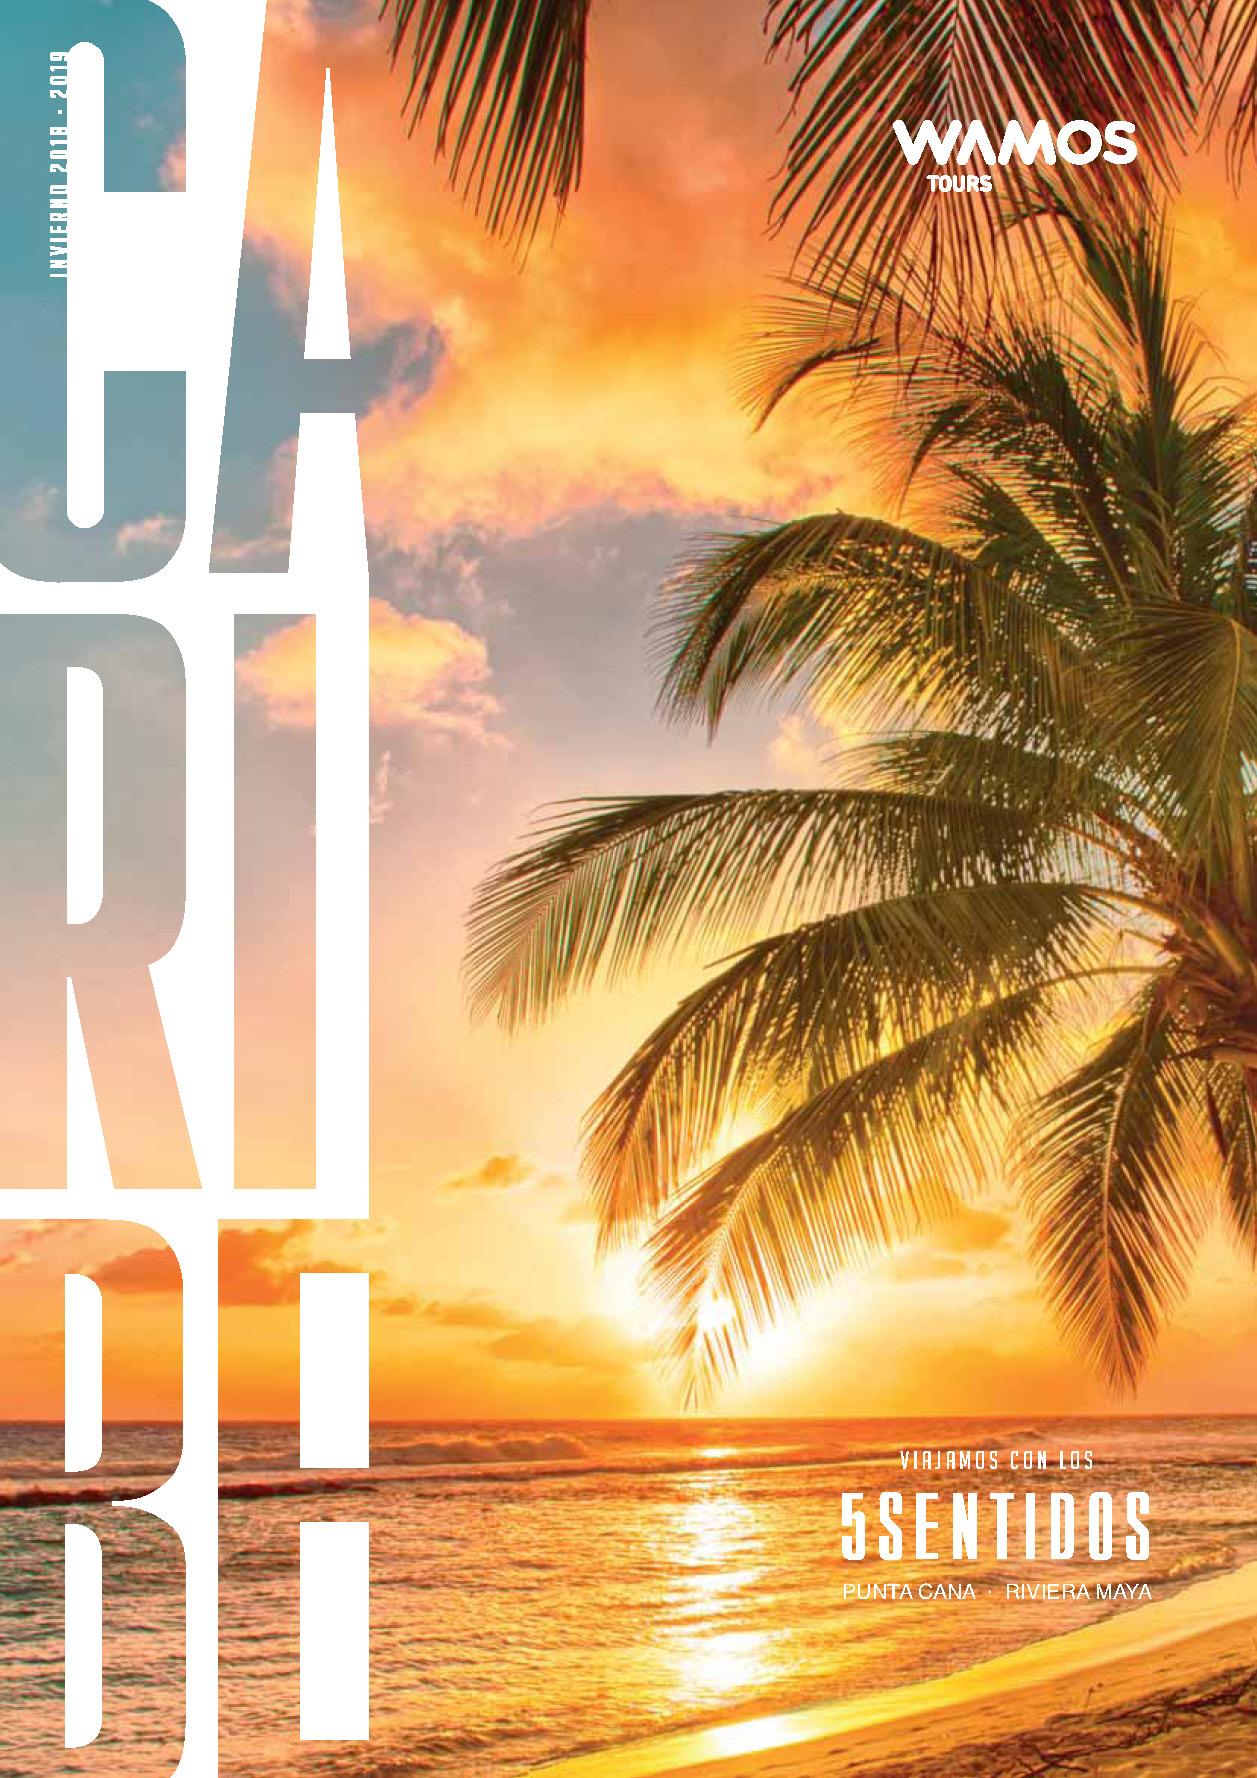 Catalogo Wamos Tours Caribe Invierno 2018-2019